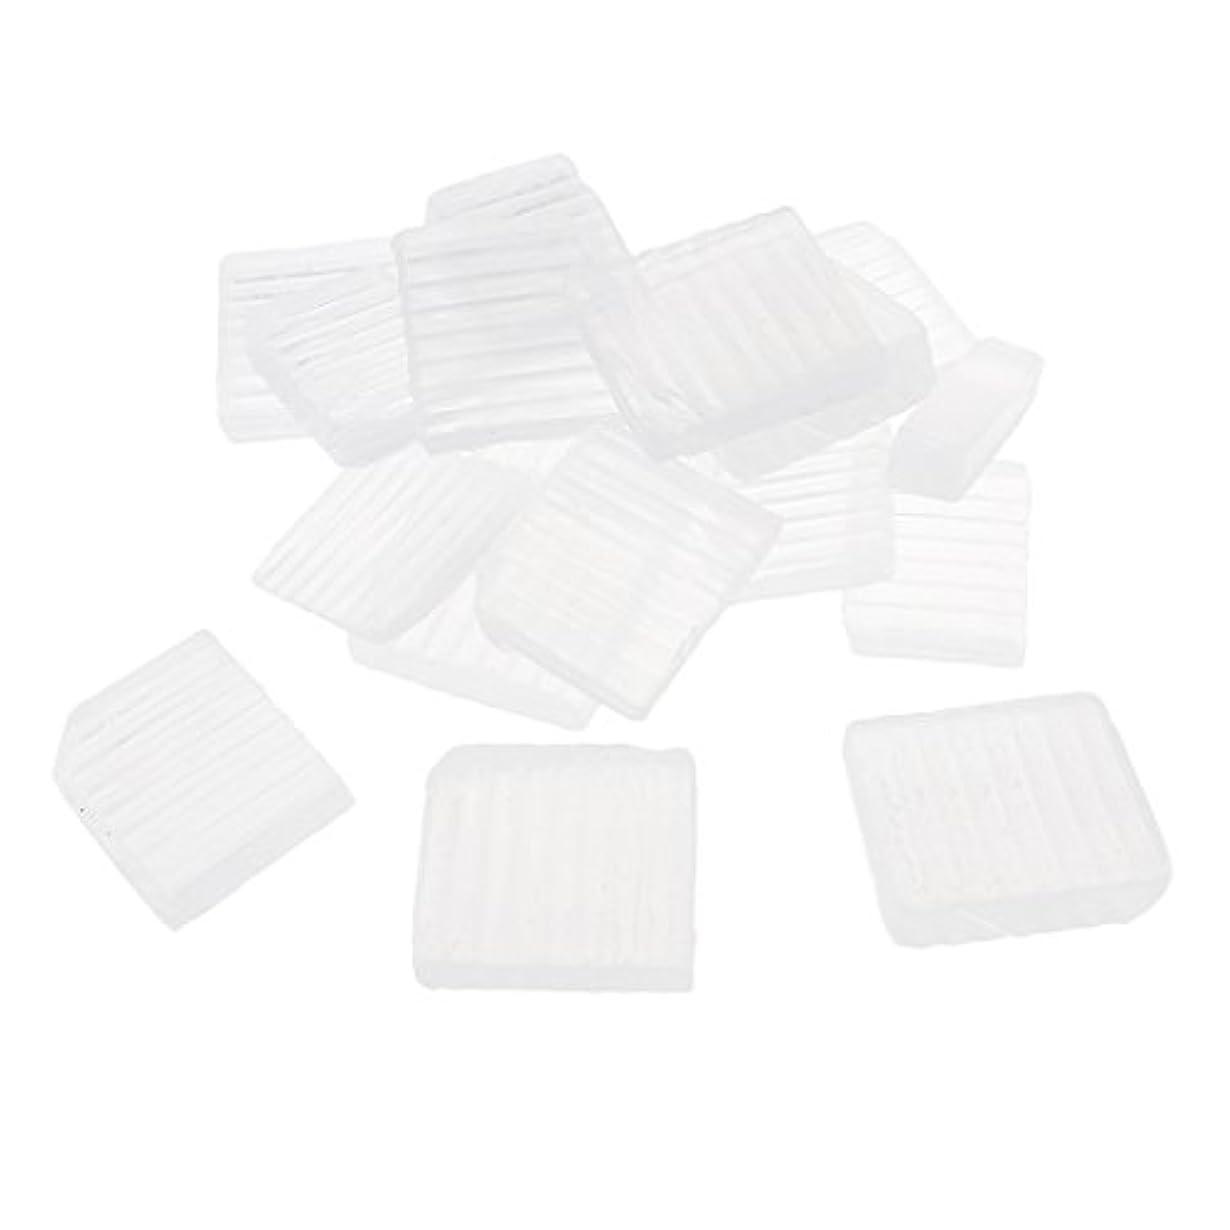 何よりも誇張キャンドルP Prettyia 透明 石鹸ベース DIY 手作り 石鹸 材料 約1 KG DIYギフト